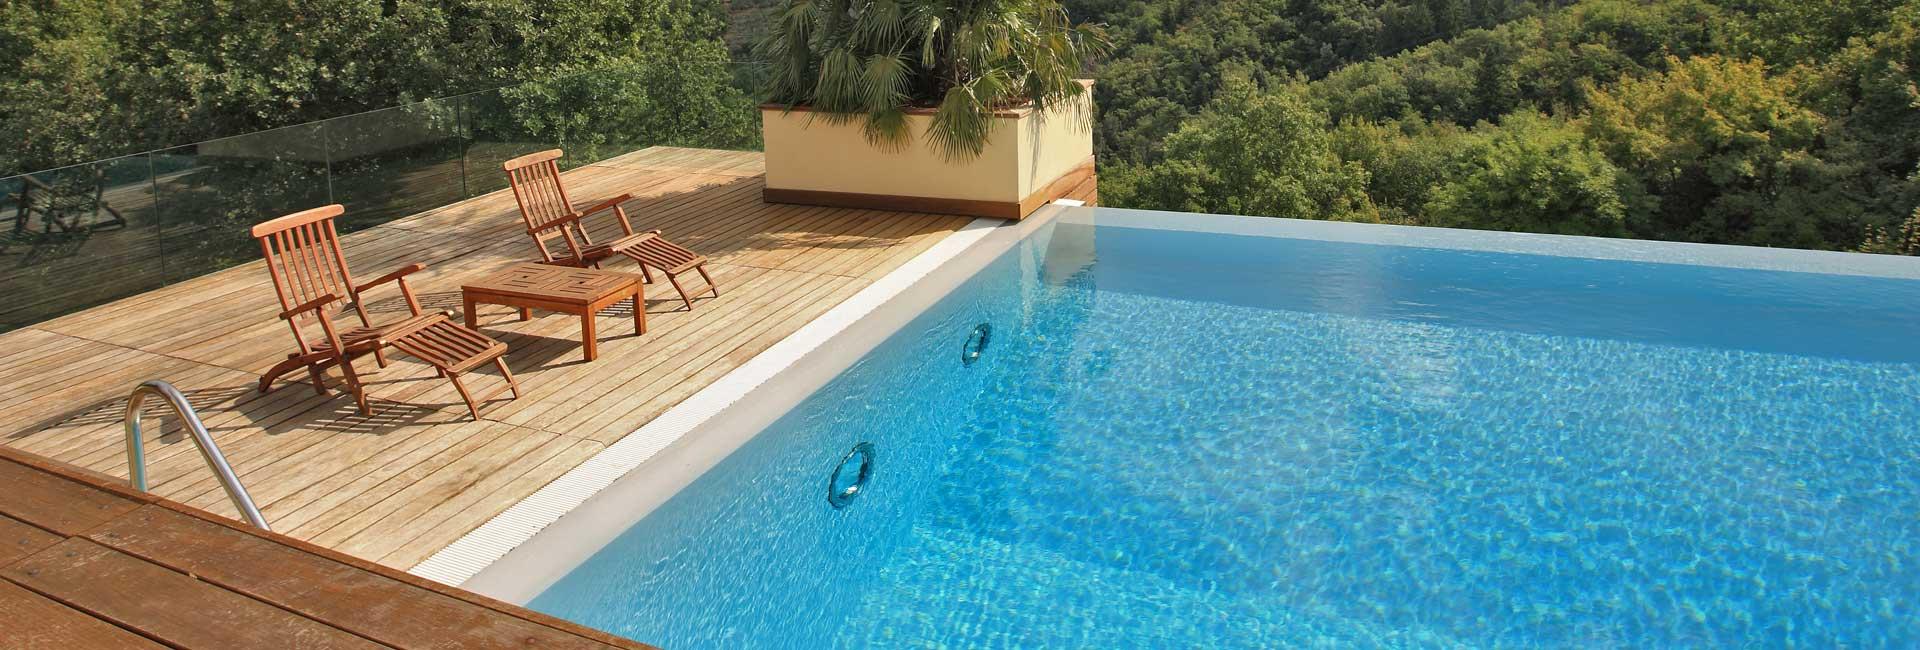 piscina-slide-3